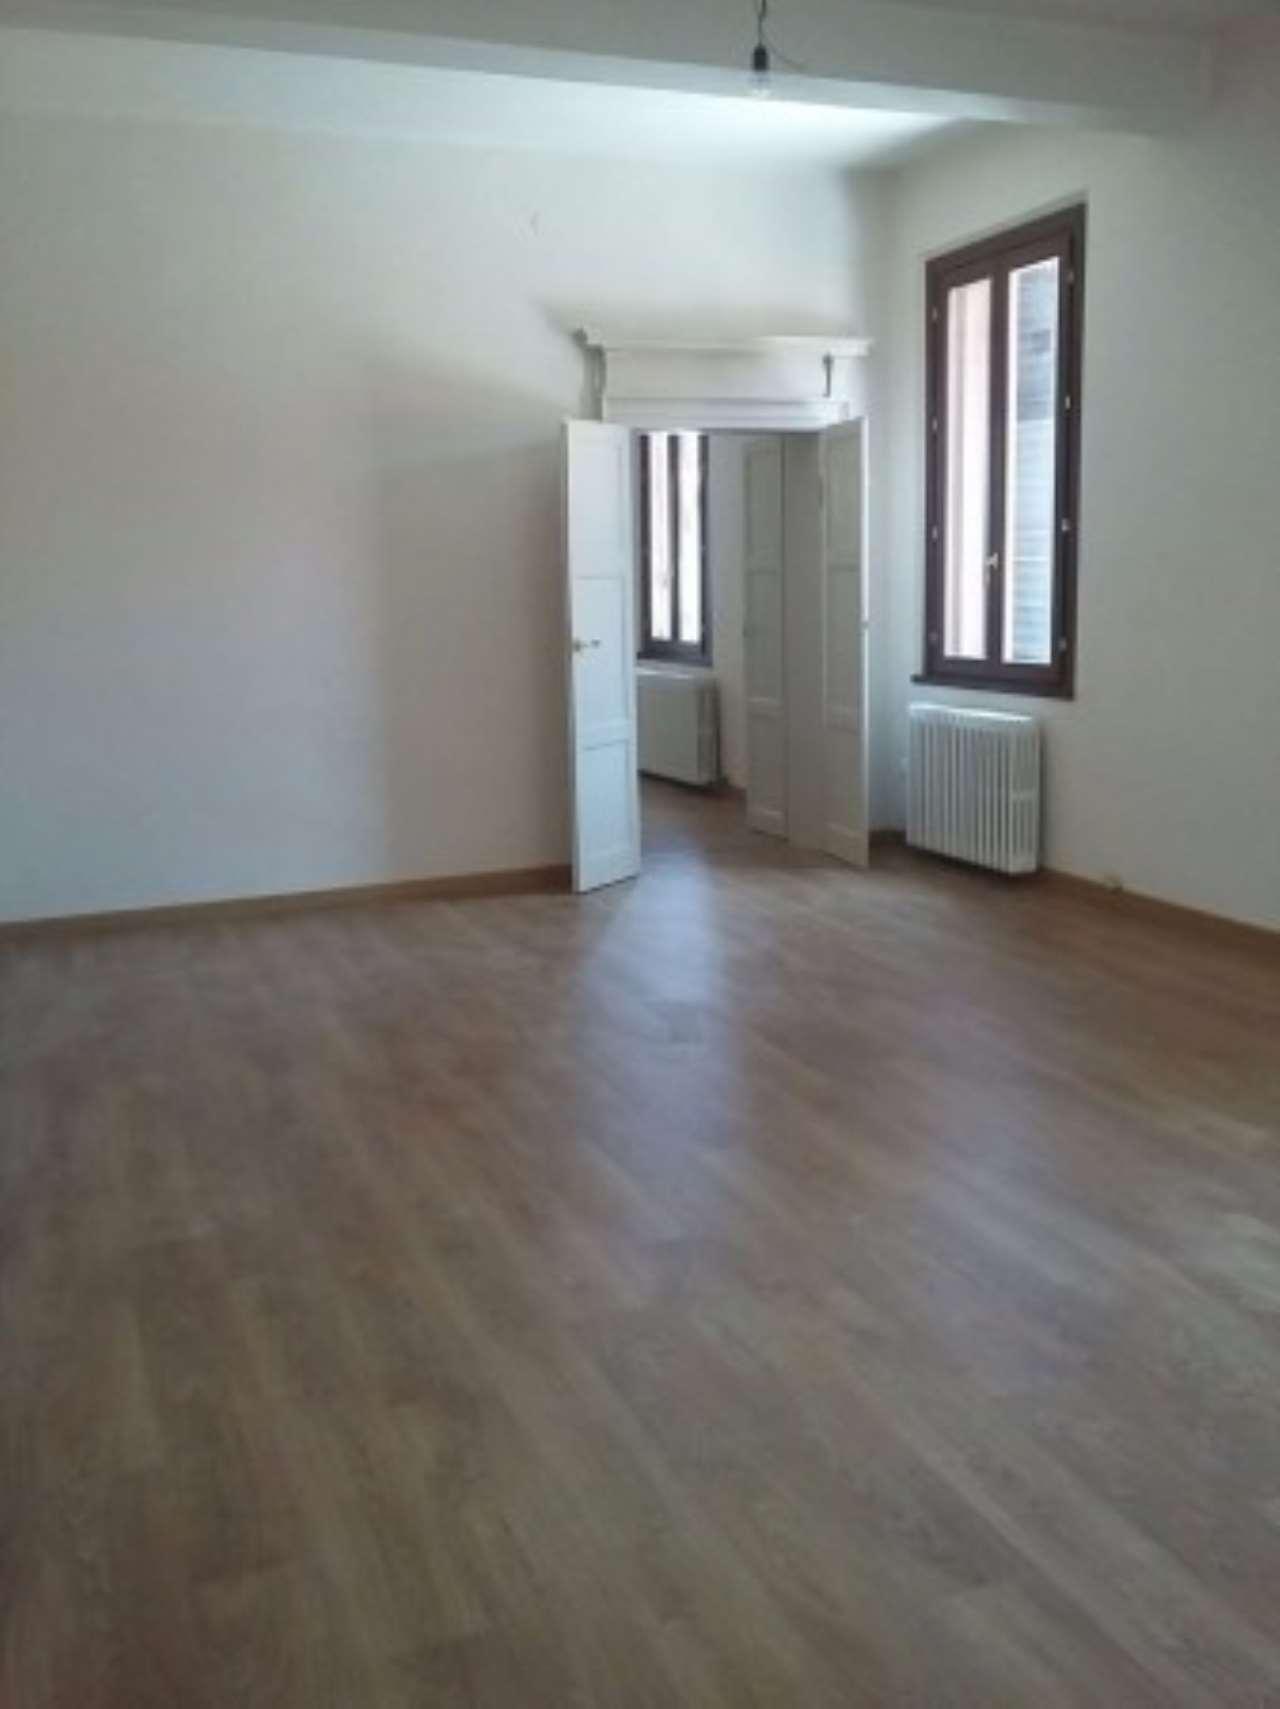 Ufficio / Studio in affitto a Mantova, 3 locali, prezzo € 1.000 | Cambio Casa.it